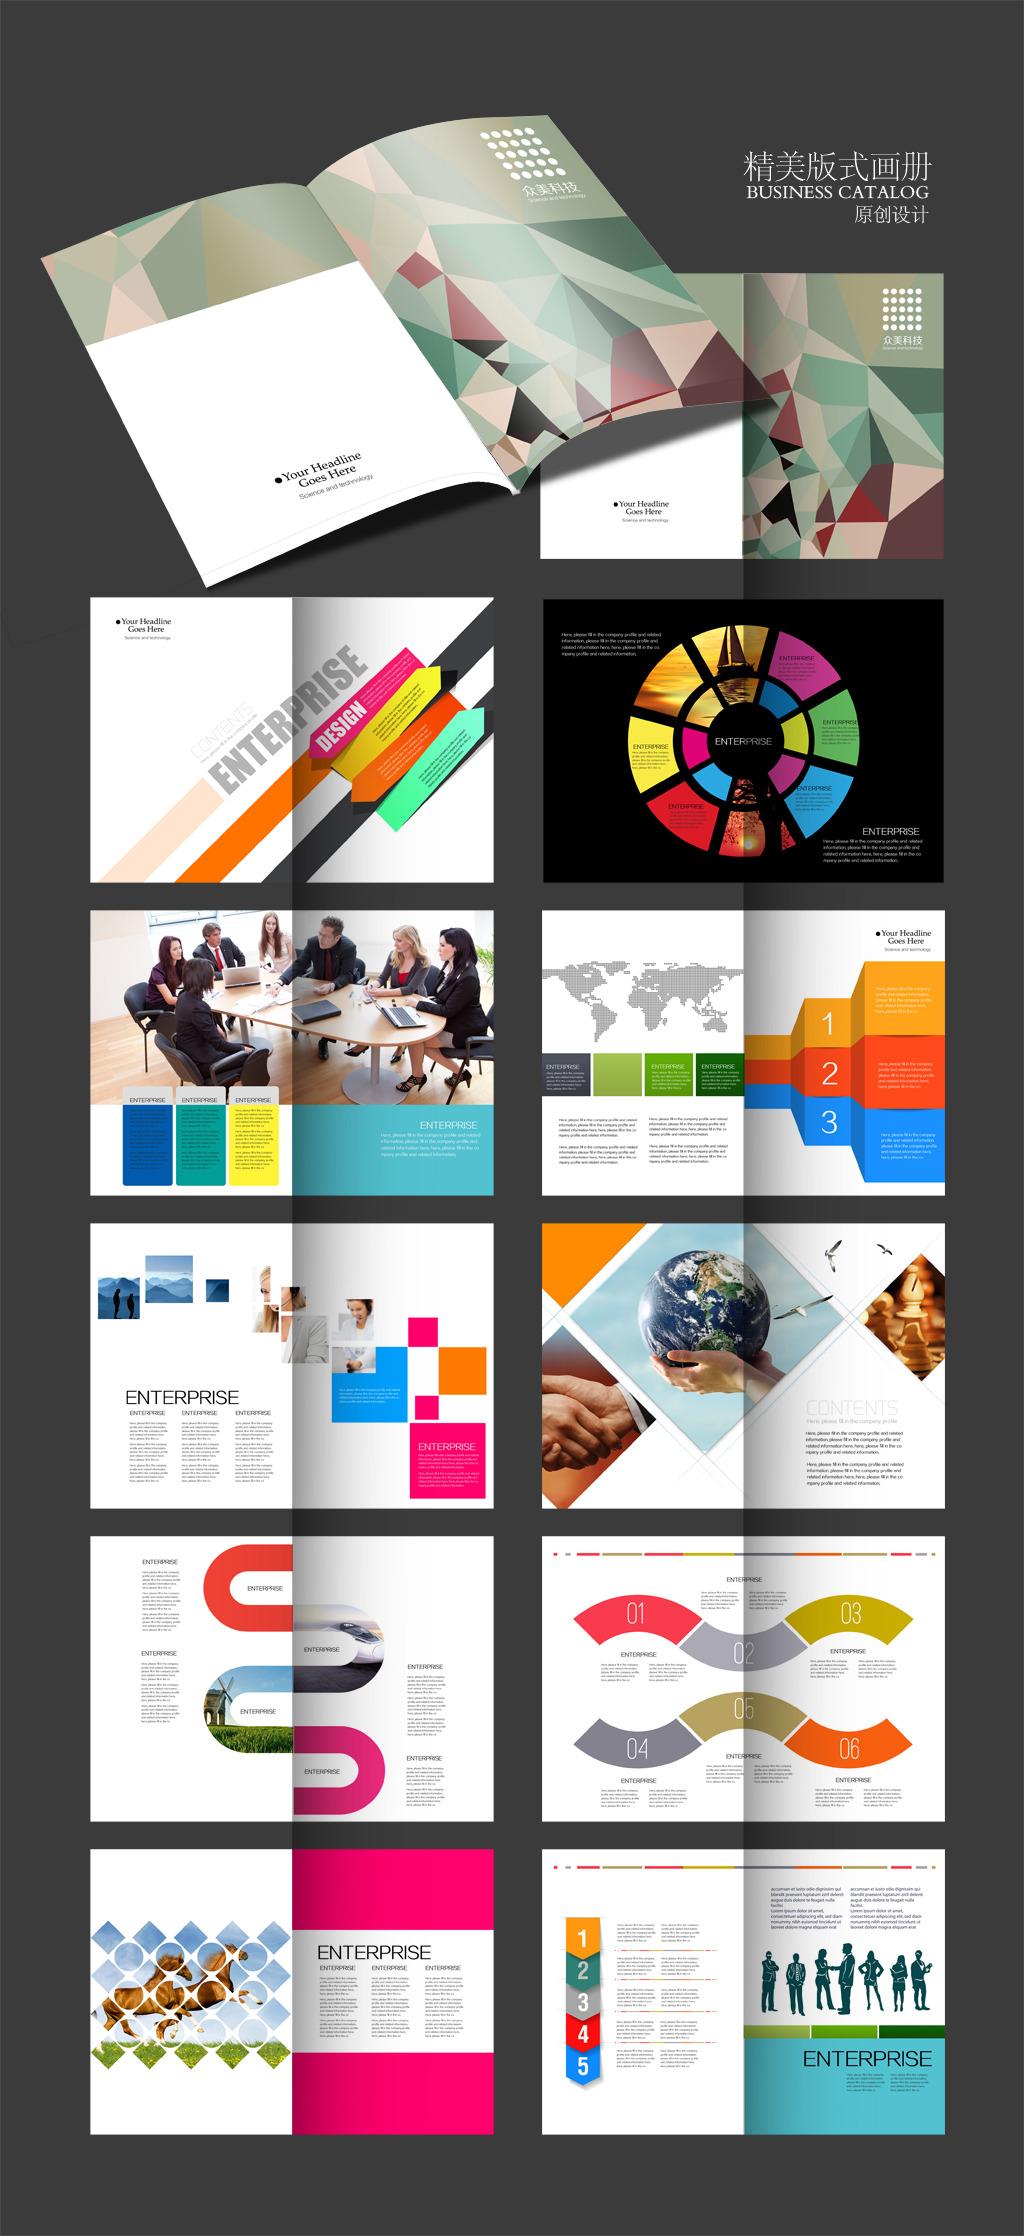 排版画册设计 设计模板 画册下载 精美画册模版 创意画册模版 国外图片